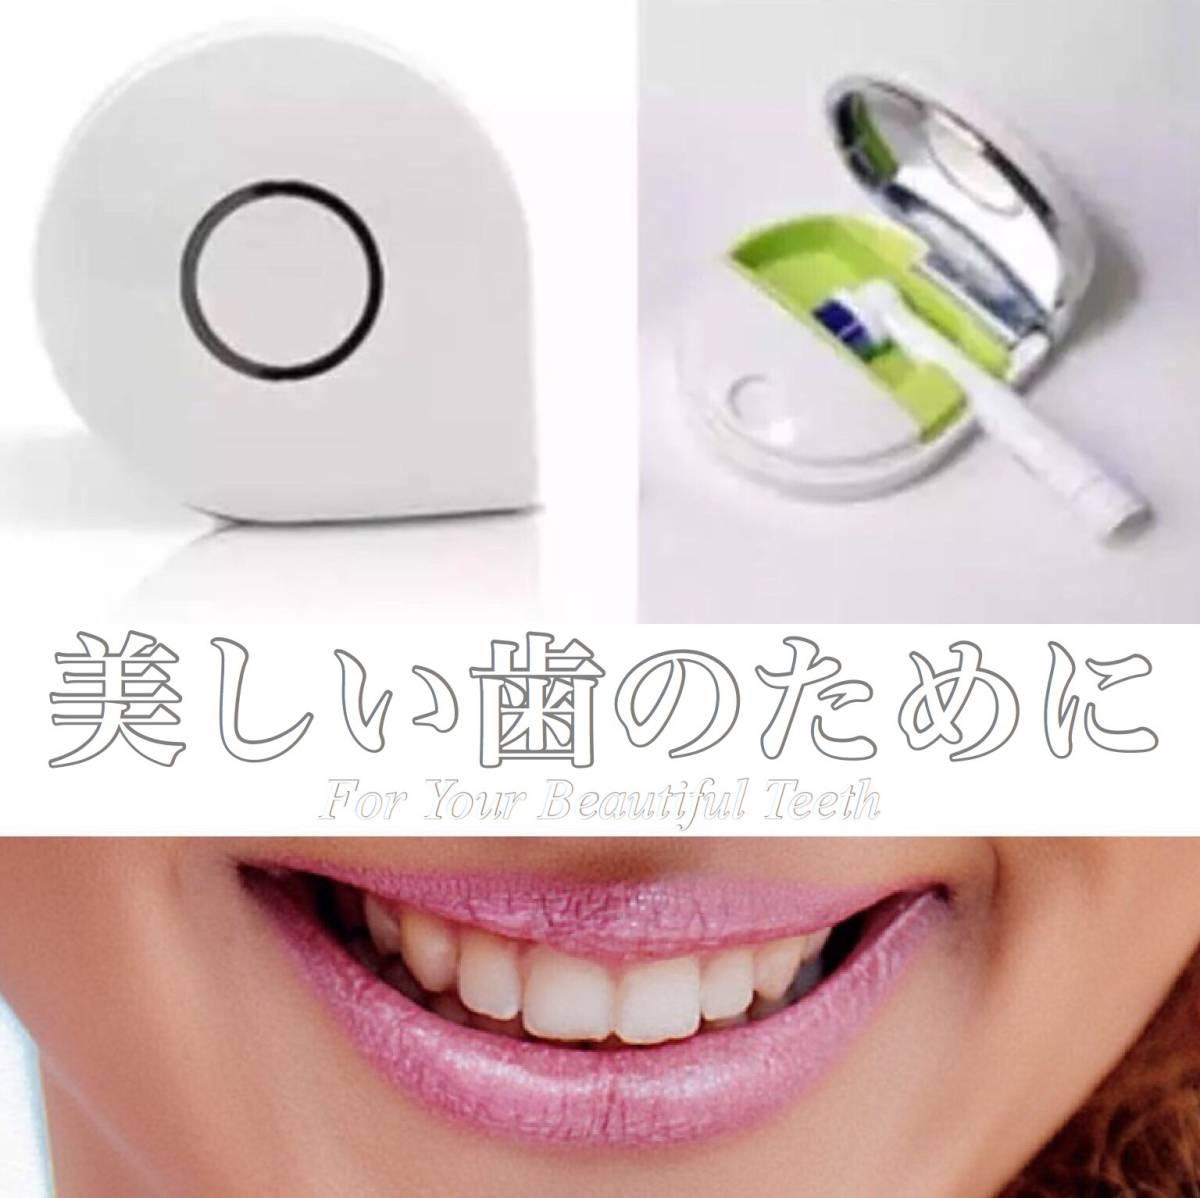 清潔に歯ブラシ 滅菌器 美しい歯 かんたんしっかりコンパクト 口内フローラ USB充電式_画像1